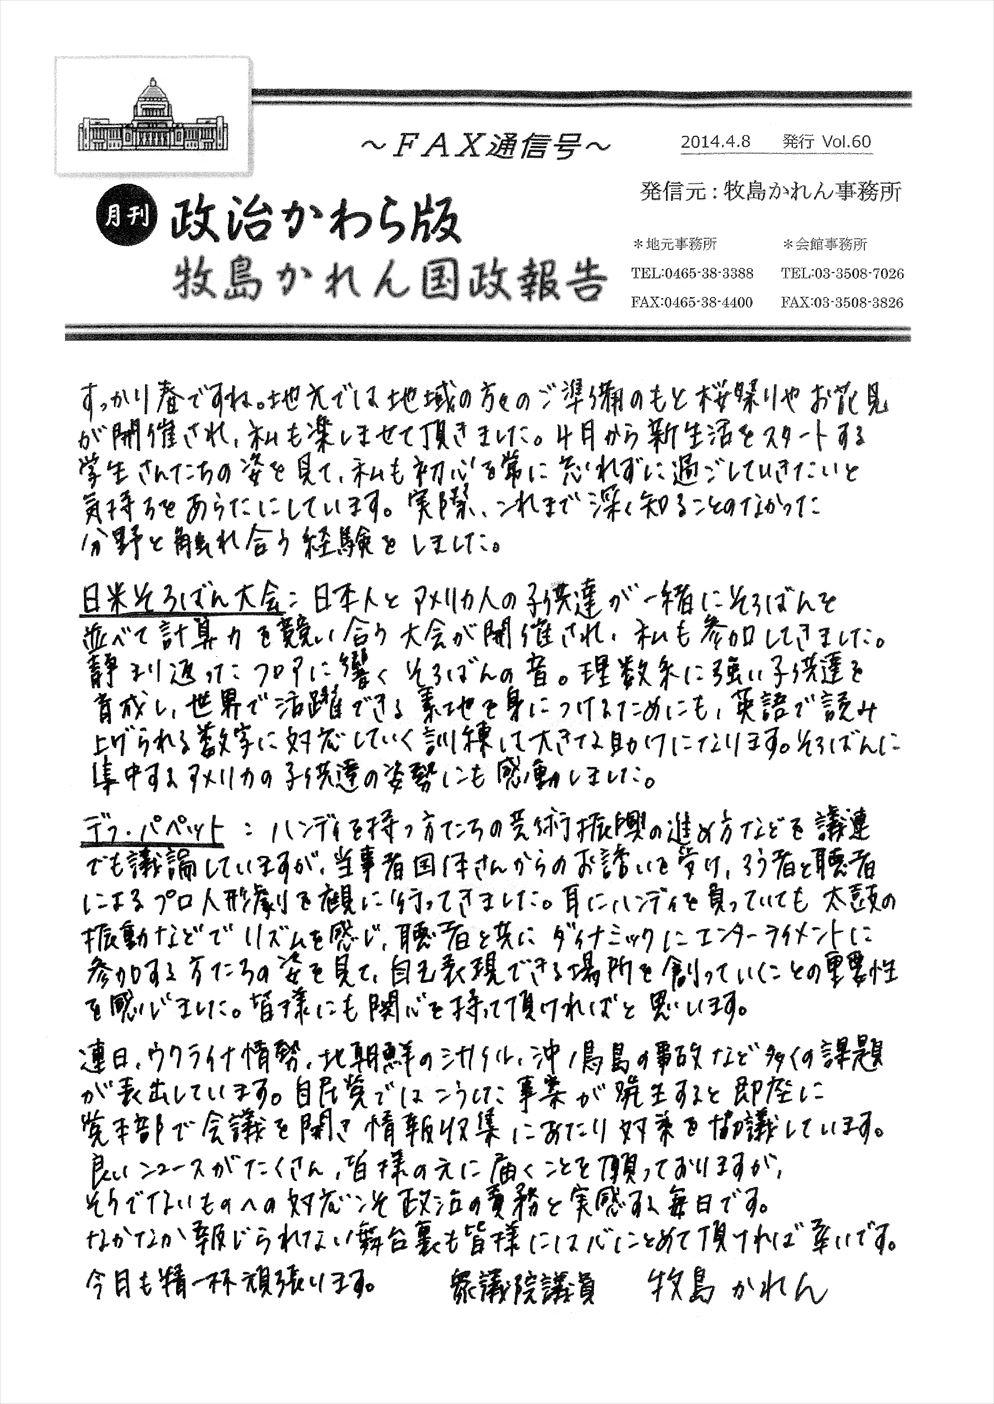 牧島かれん 政治かわら版4月号 Vol.60